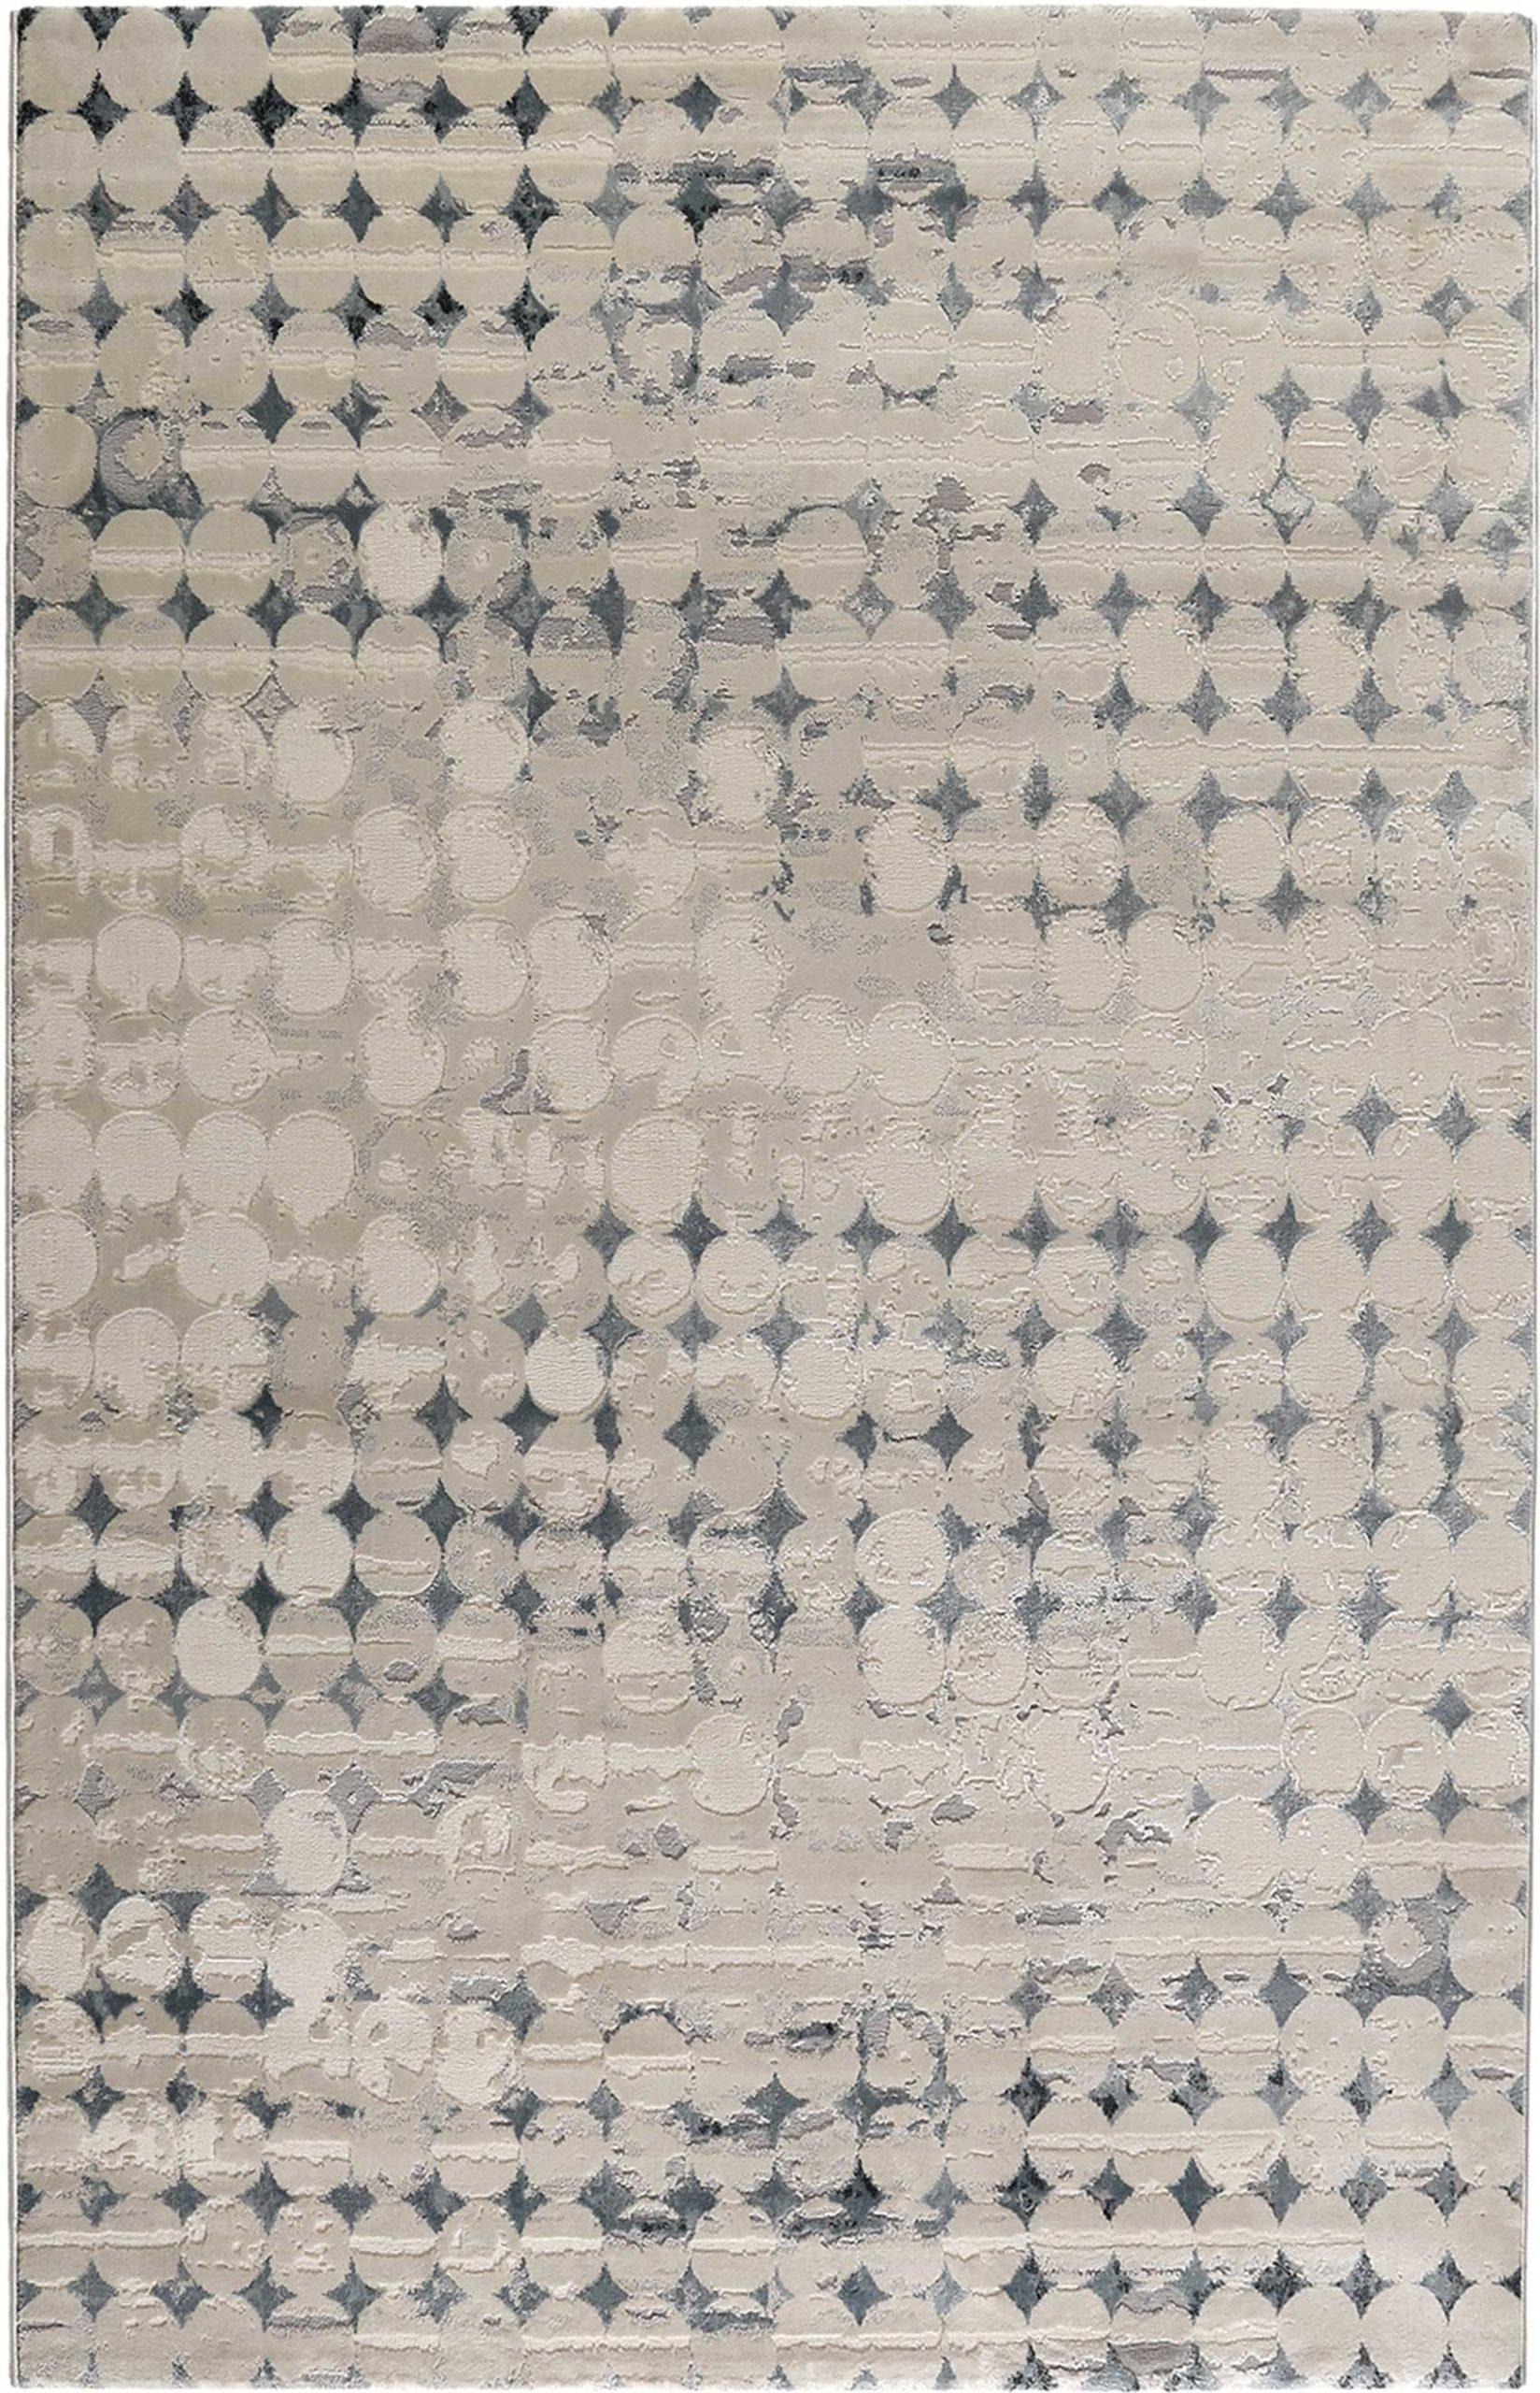 Tapis vintage relief beige/bleu pétrole pour salon, chambre 200x133